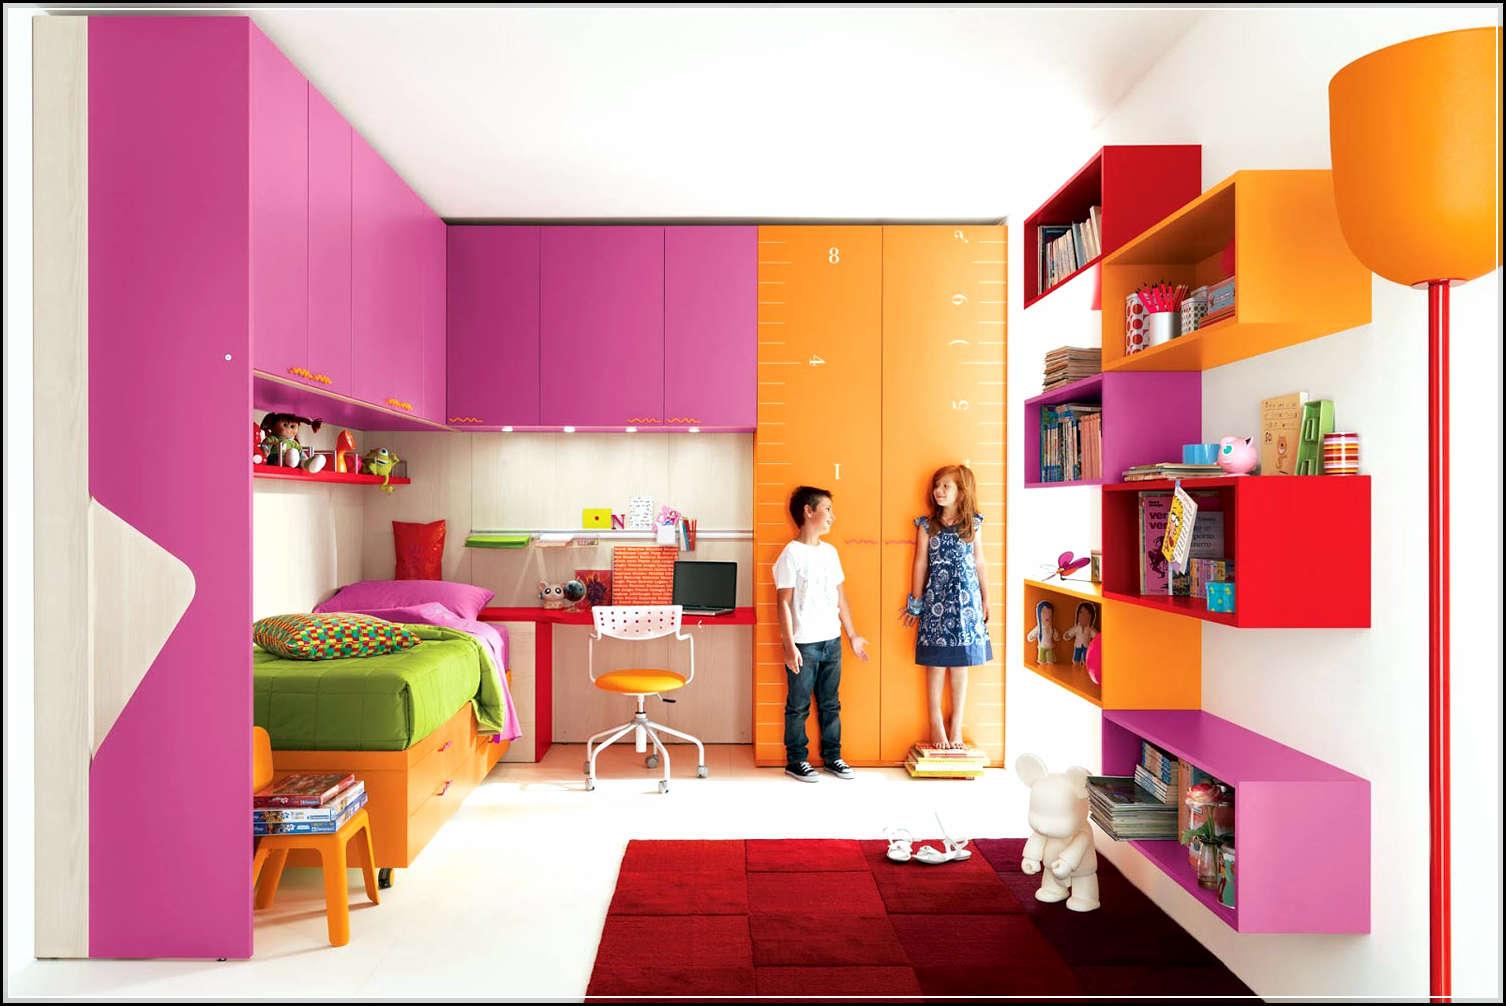 82 Gambar Desain Kamar Tidur Anak Perempuan Untuk 2 Orang Paling Banyak di Cari